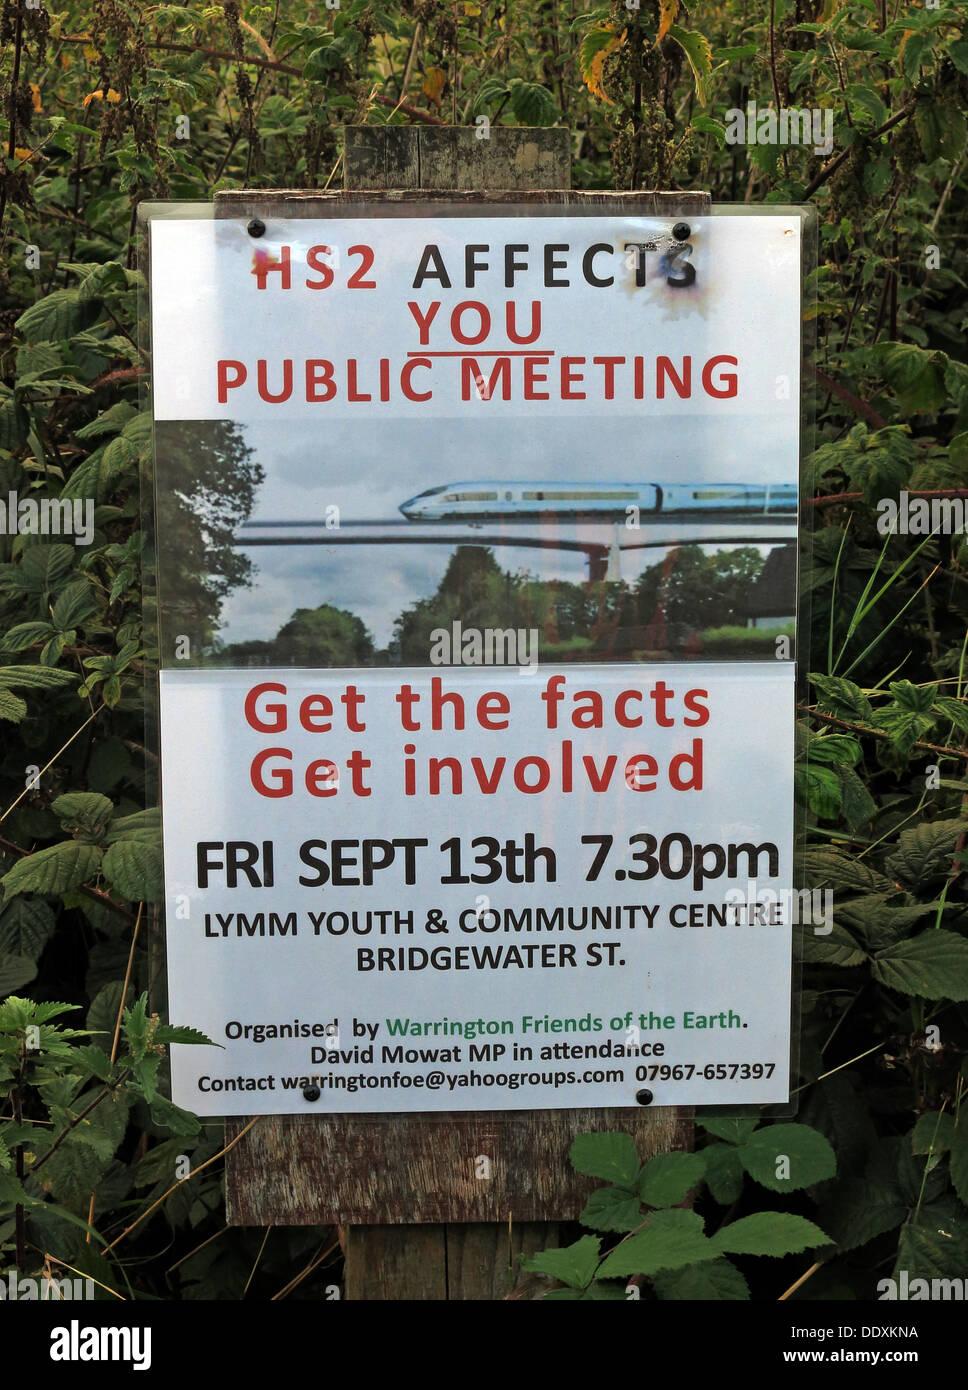 Laden Sie dieses Alamy Stockfoto HS2 betrifft Sie Poster, öffentliche Sitzung, Lymm, Cheshire, England, UK - DDXKNA